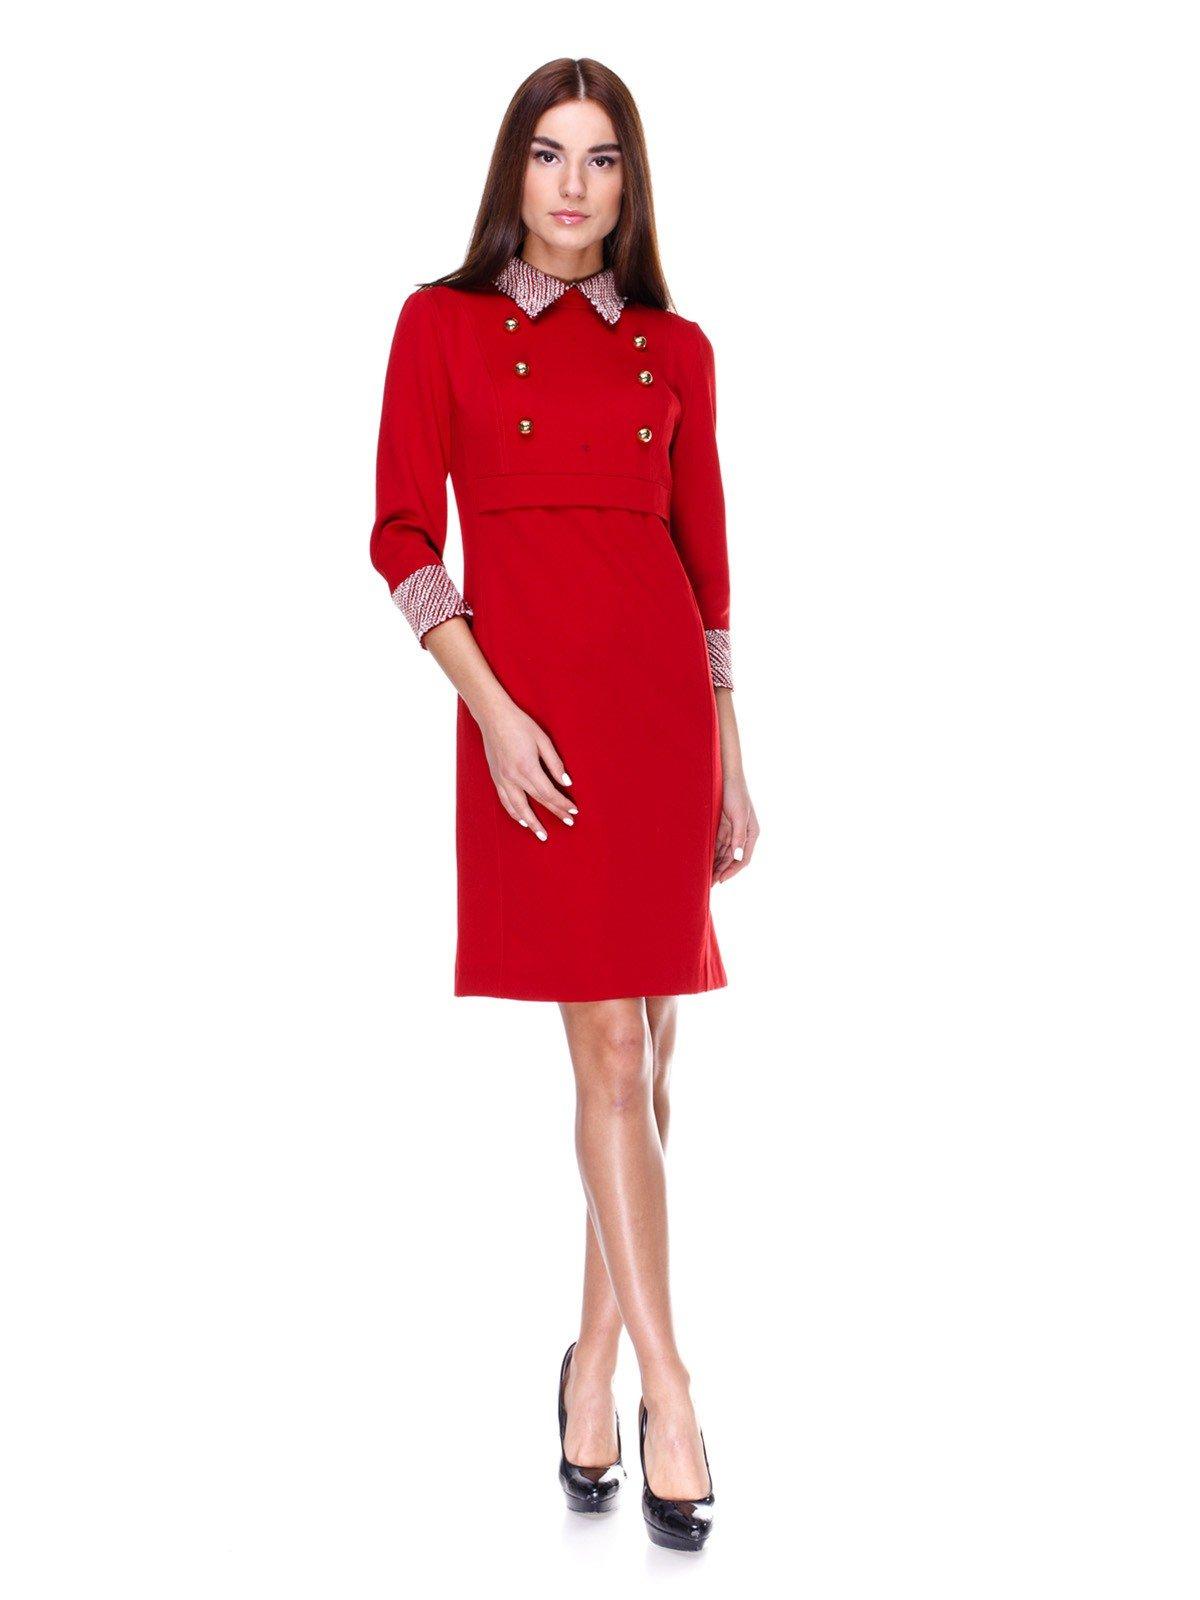 купить модную женскую одежду в Украине Компания Dolcedonna –это украинская  сеть по производству и реализации дизайнерской одежды недорогого ... 1847921cb31e3